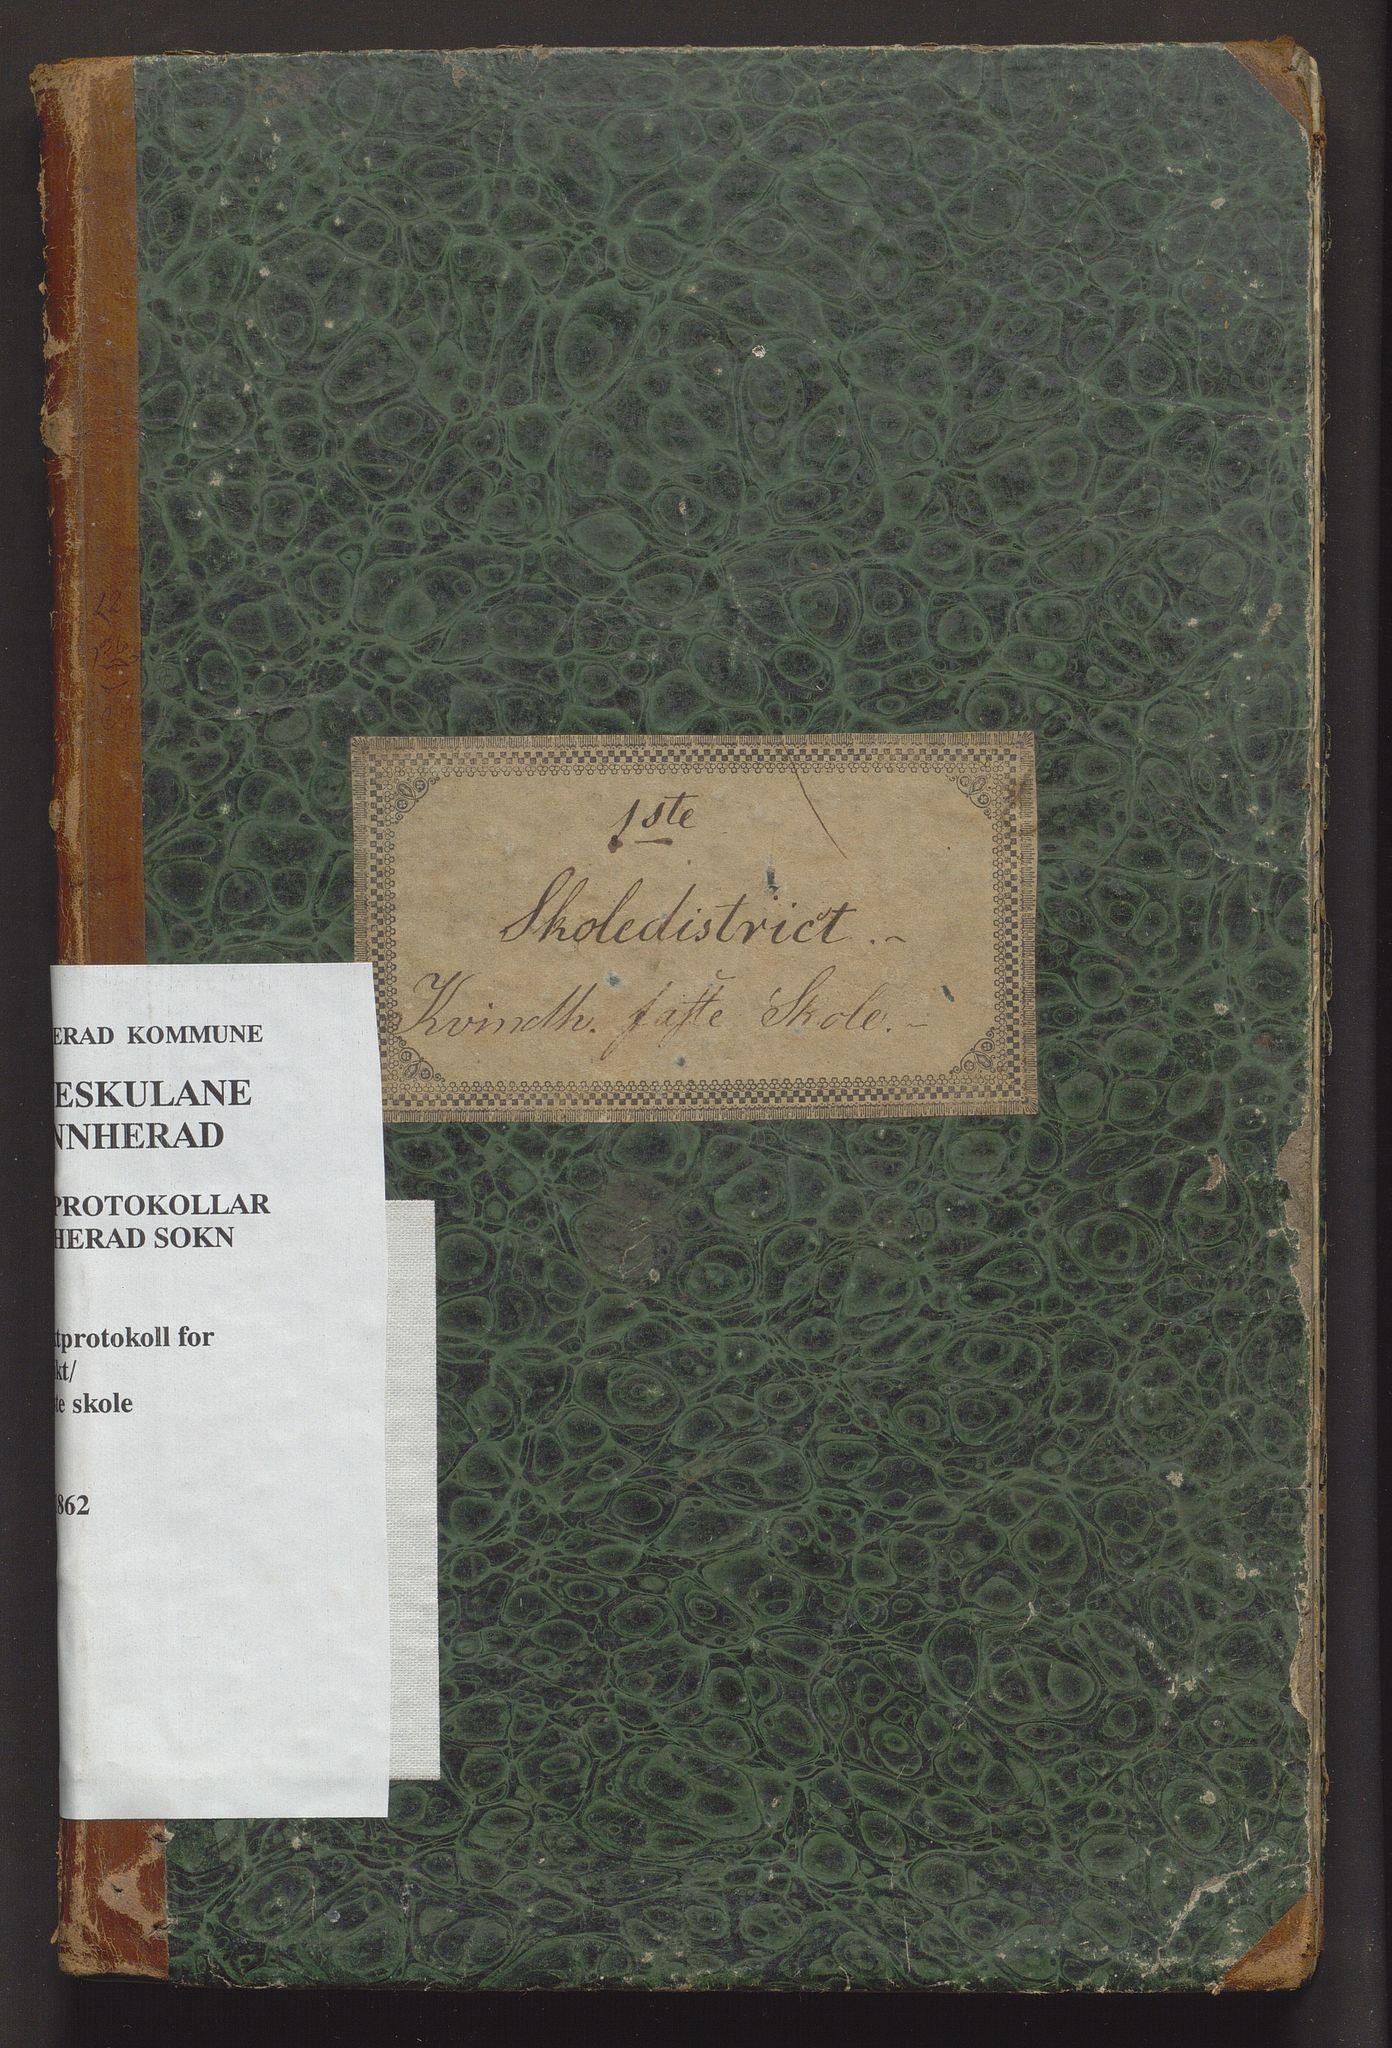 IKAH, Kvinnherad kommune. Barneskulane, F/Fe/L0001: Skuleprotokoll for den faste skulen i 1. skuledistrikt, 1846-1862